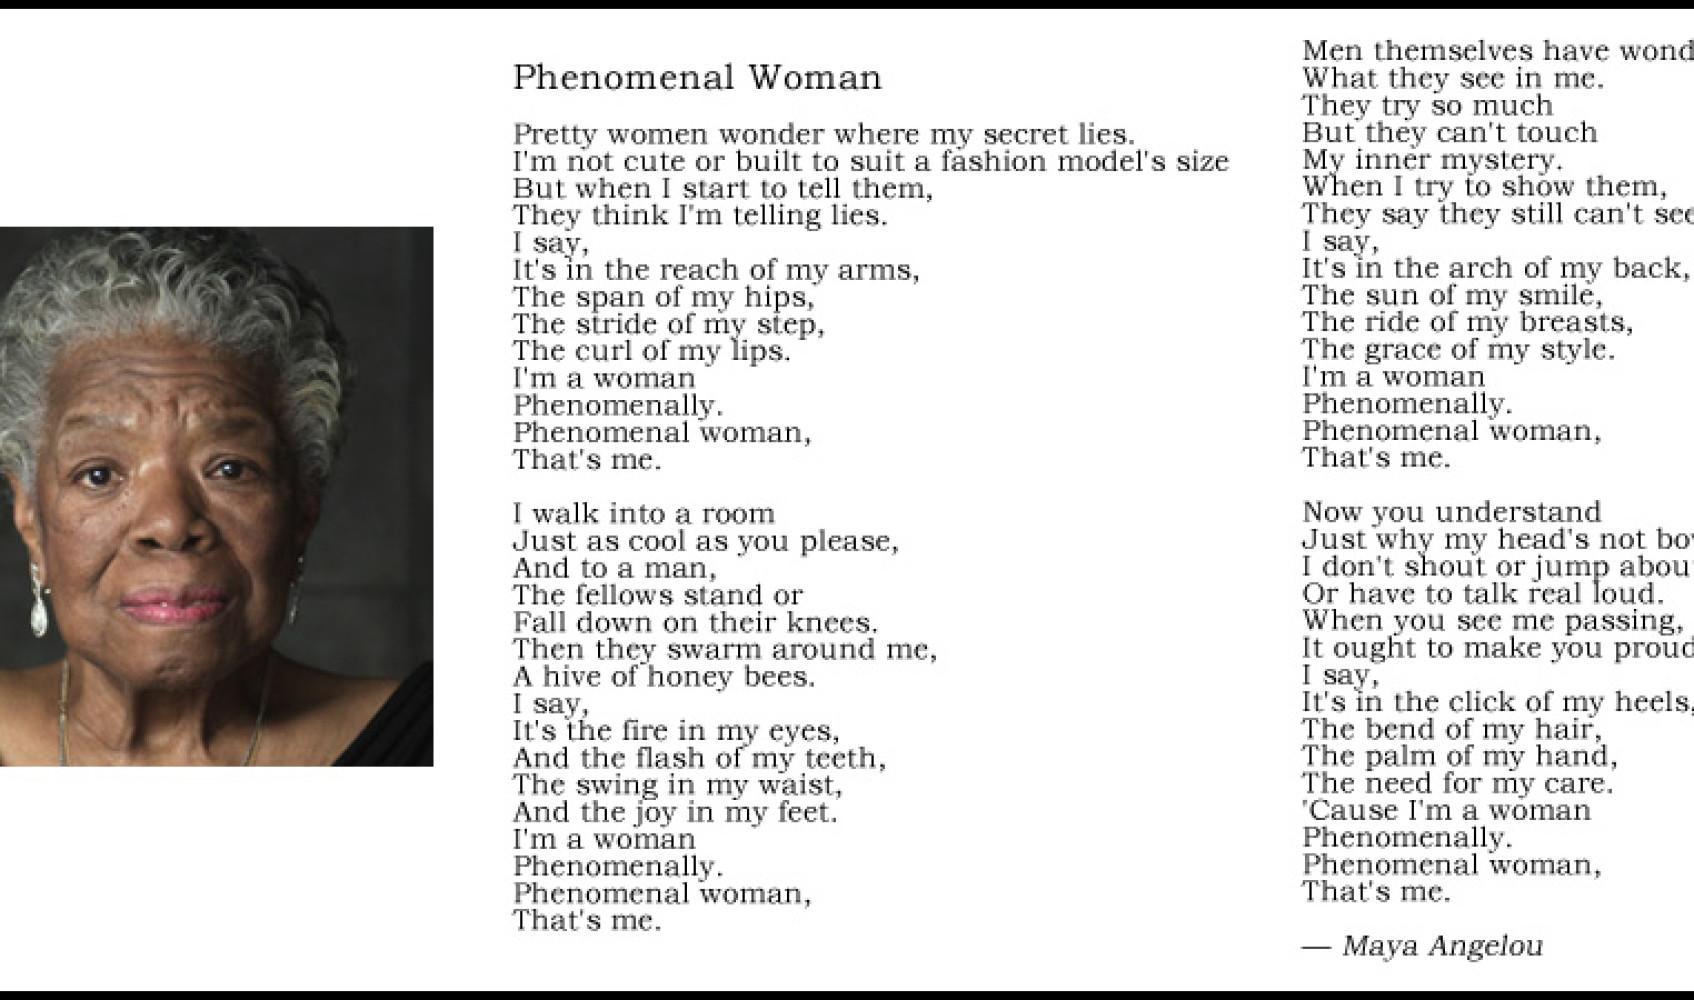 Phenomenal Woman by Maya Angelou photo